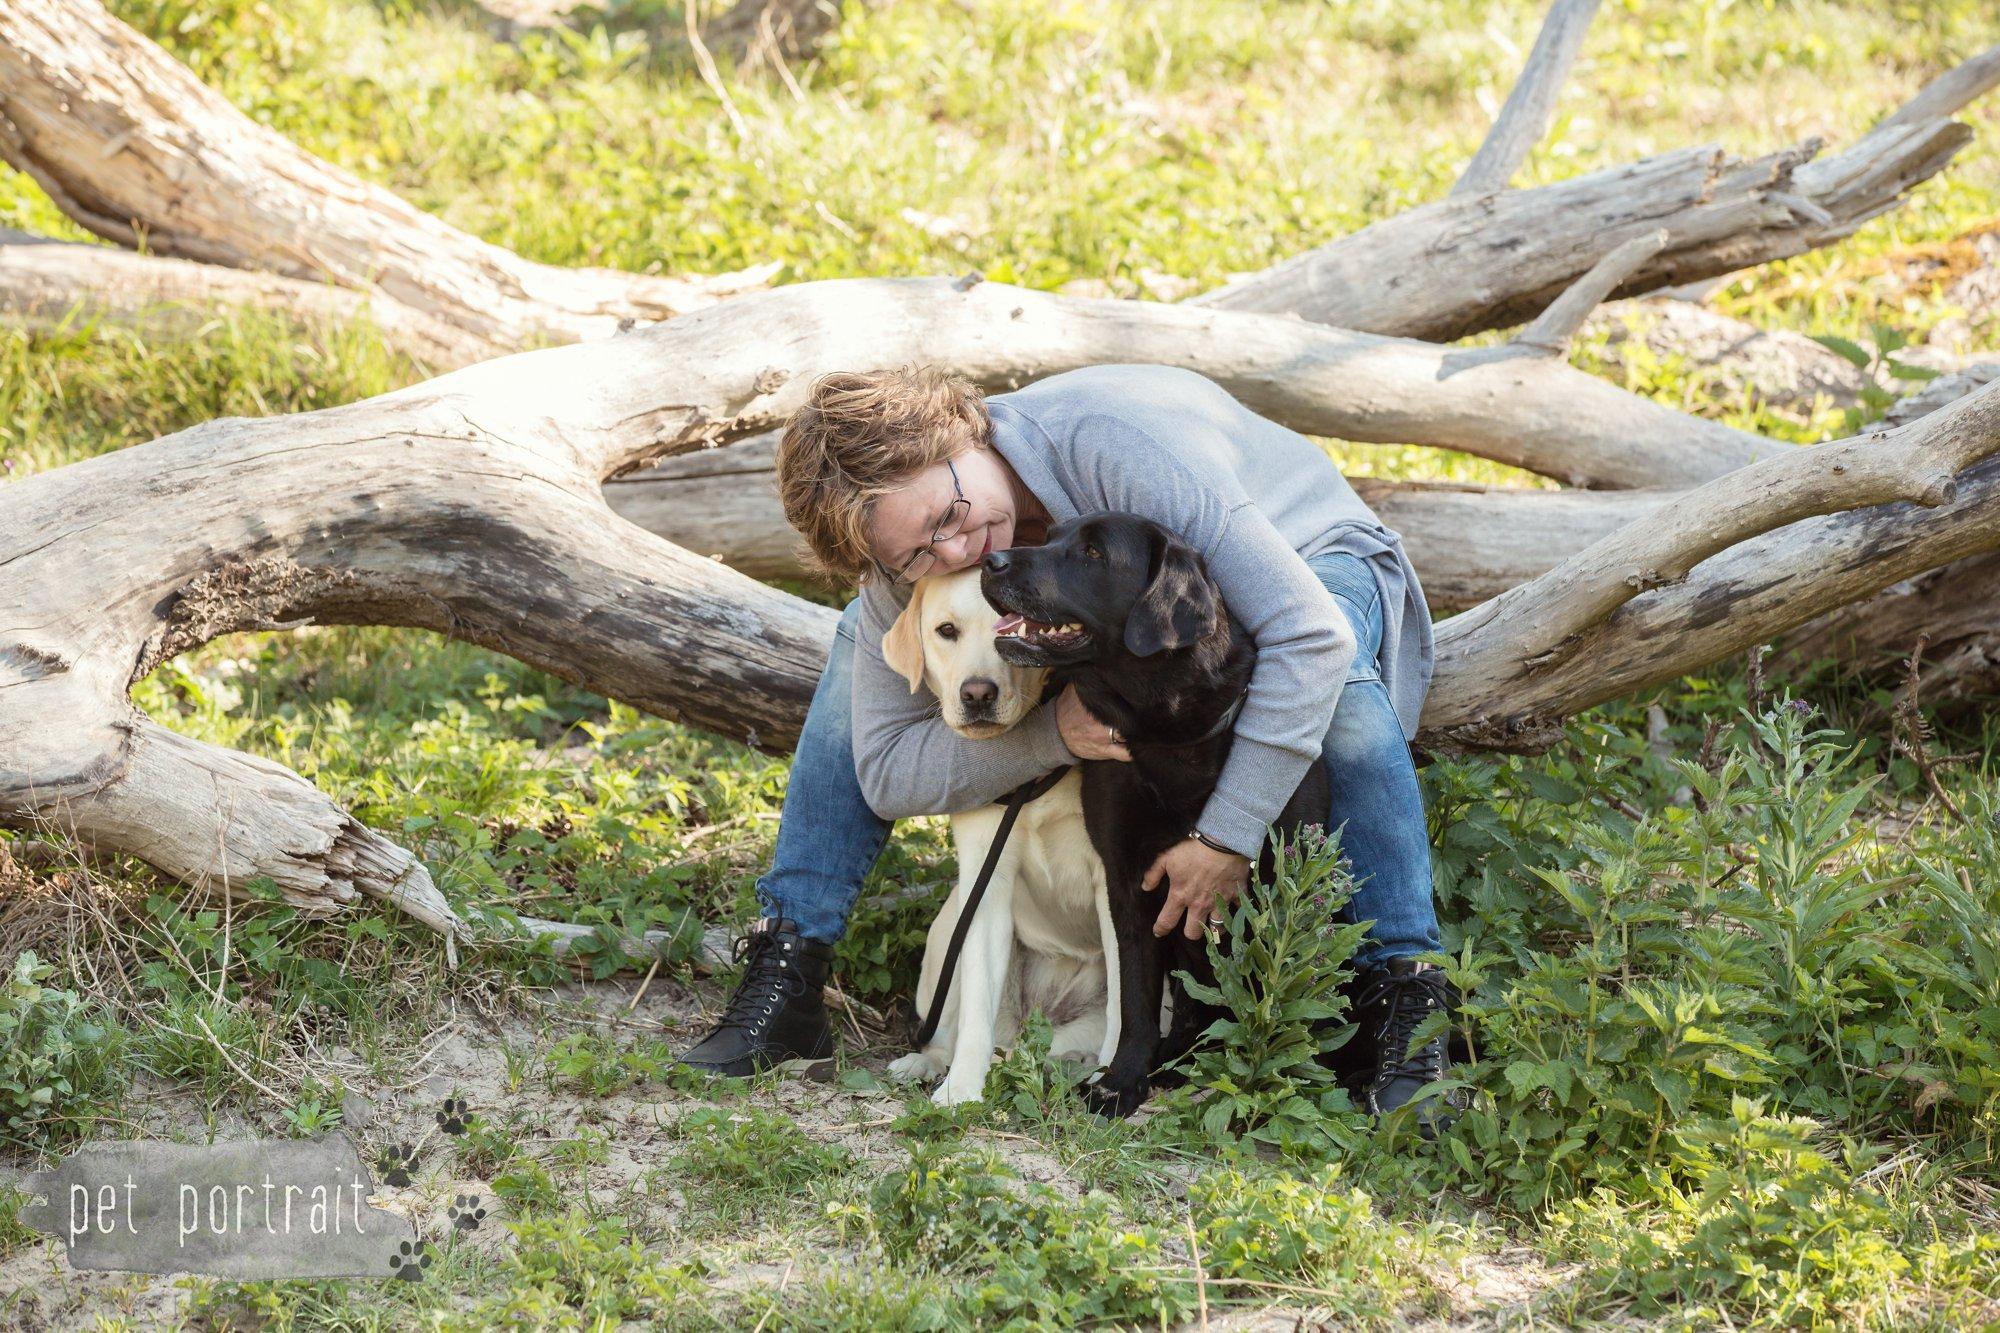 Hondenfotograaf Wassenaar - Beloved Dier en Baasje fotoshoot in de duinen-6